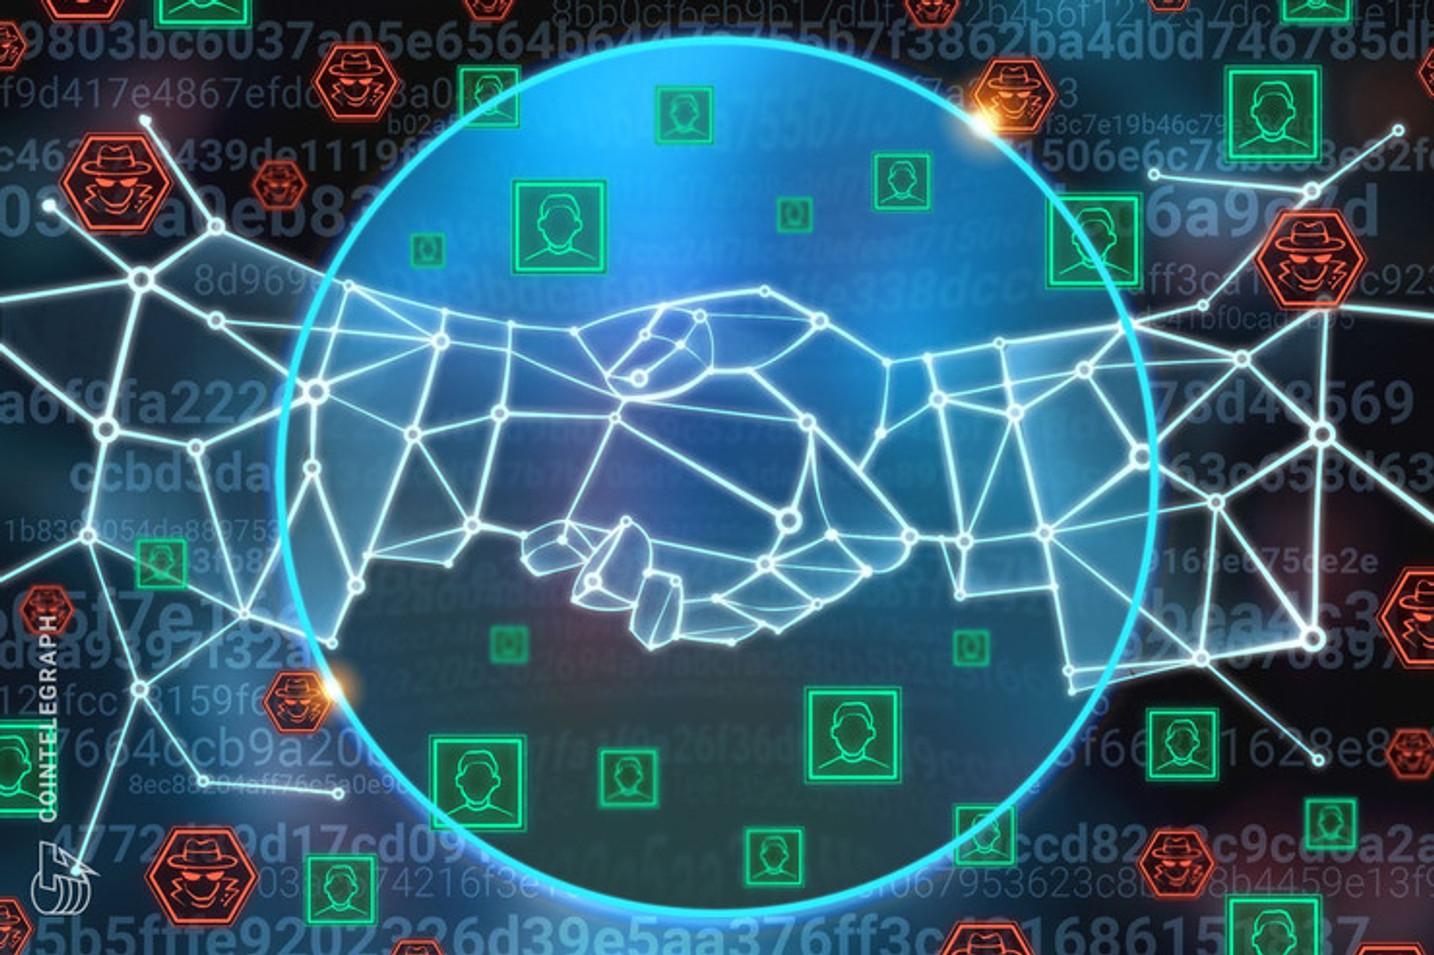 Fapes investe R$ 500 mil para incentivar desenvolvimento de soluções em blockchain para industria 4.0